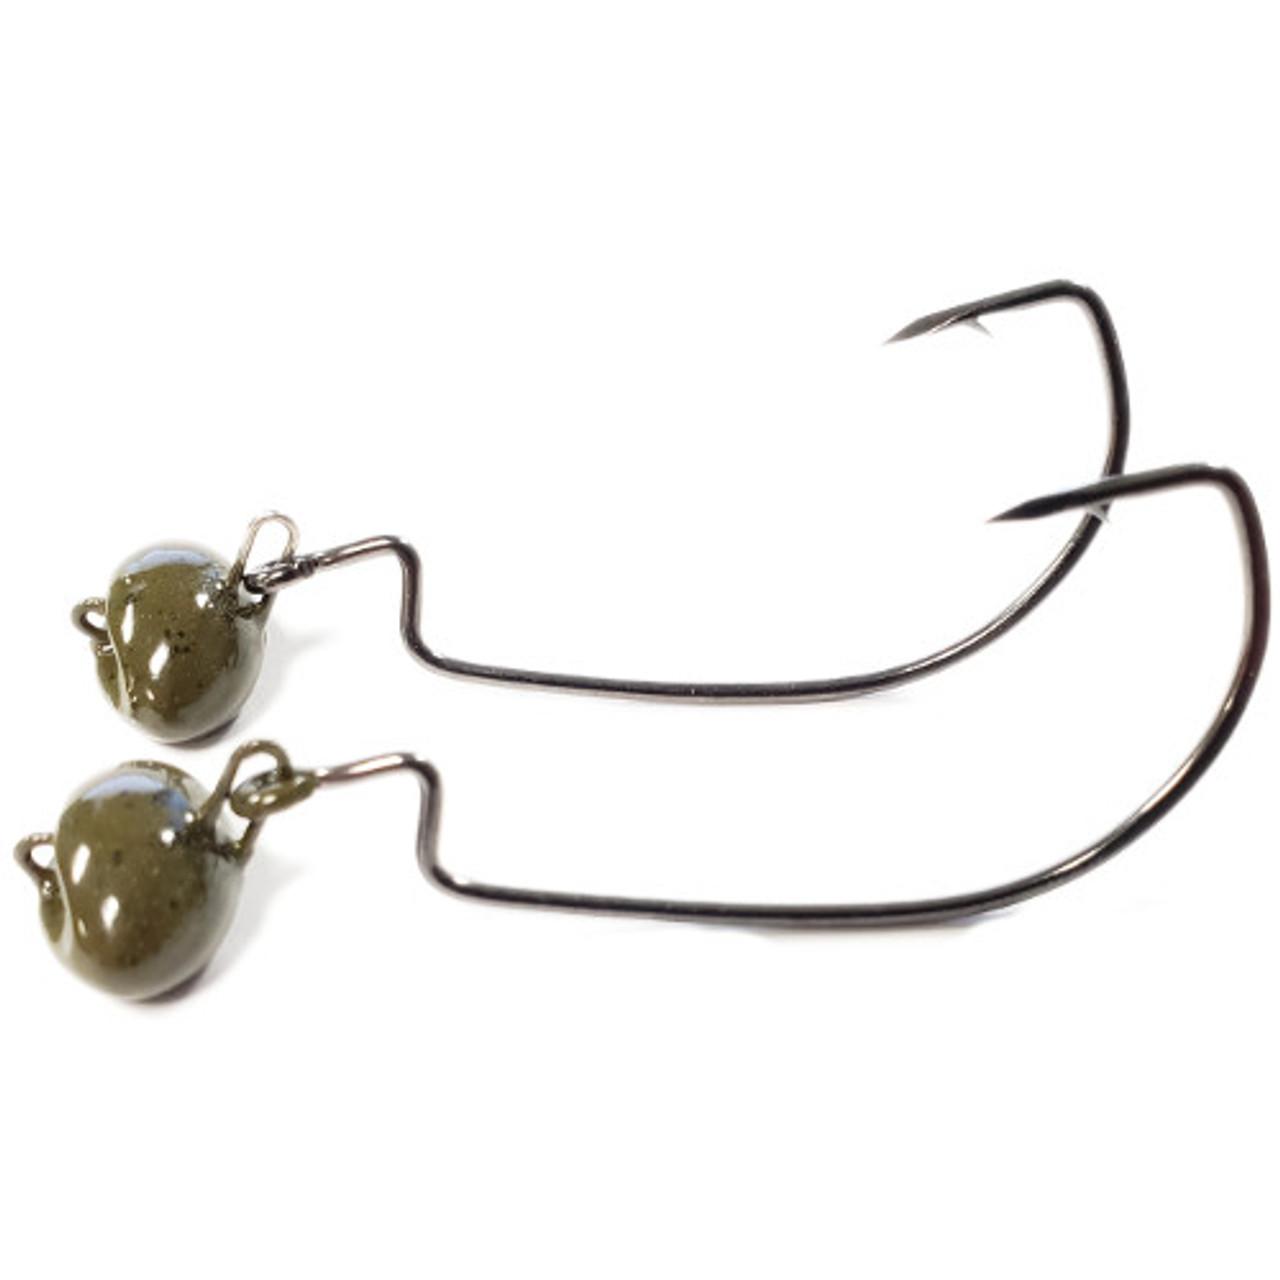 Green Trokar Swing Head